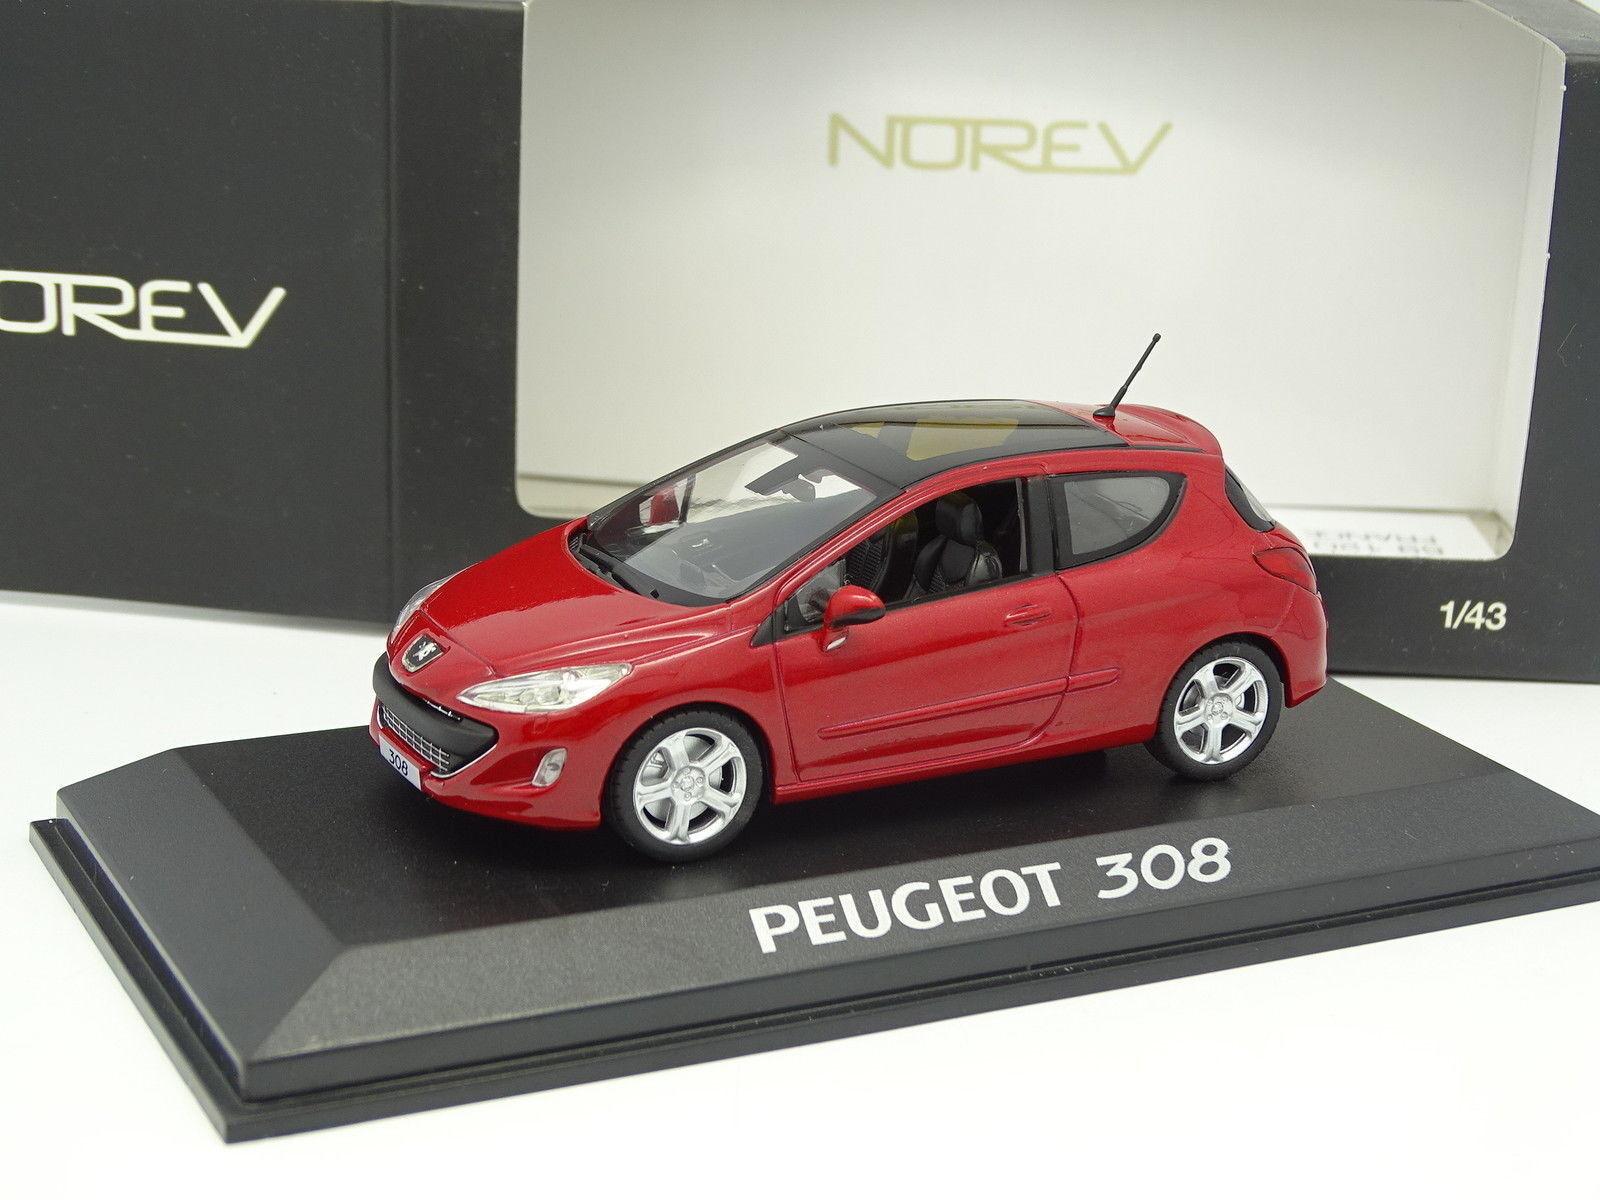 Norev 1 43 - Peugeot 308 3 Porte red